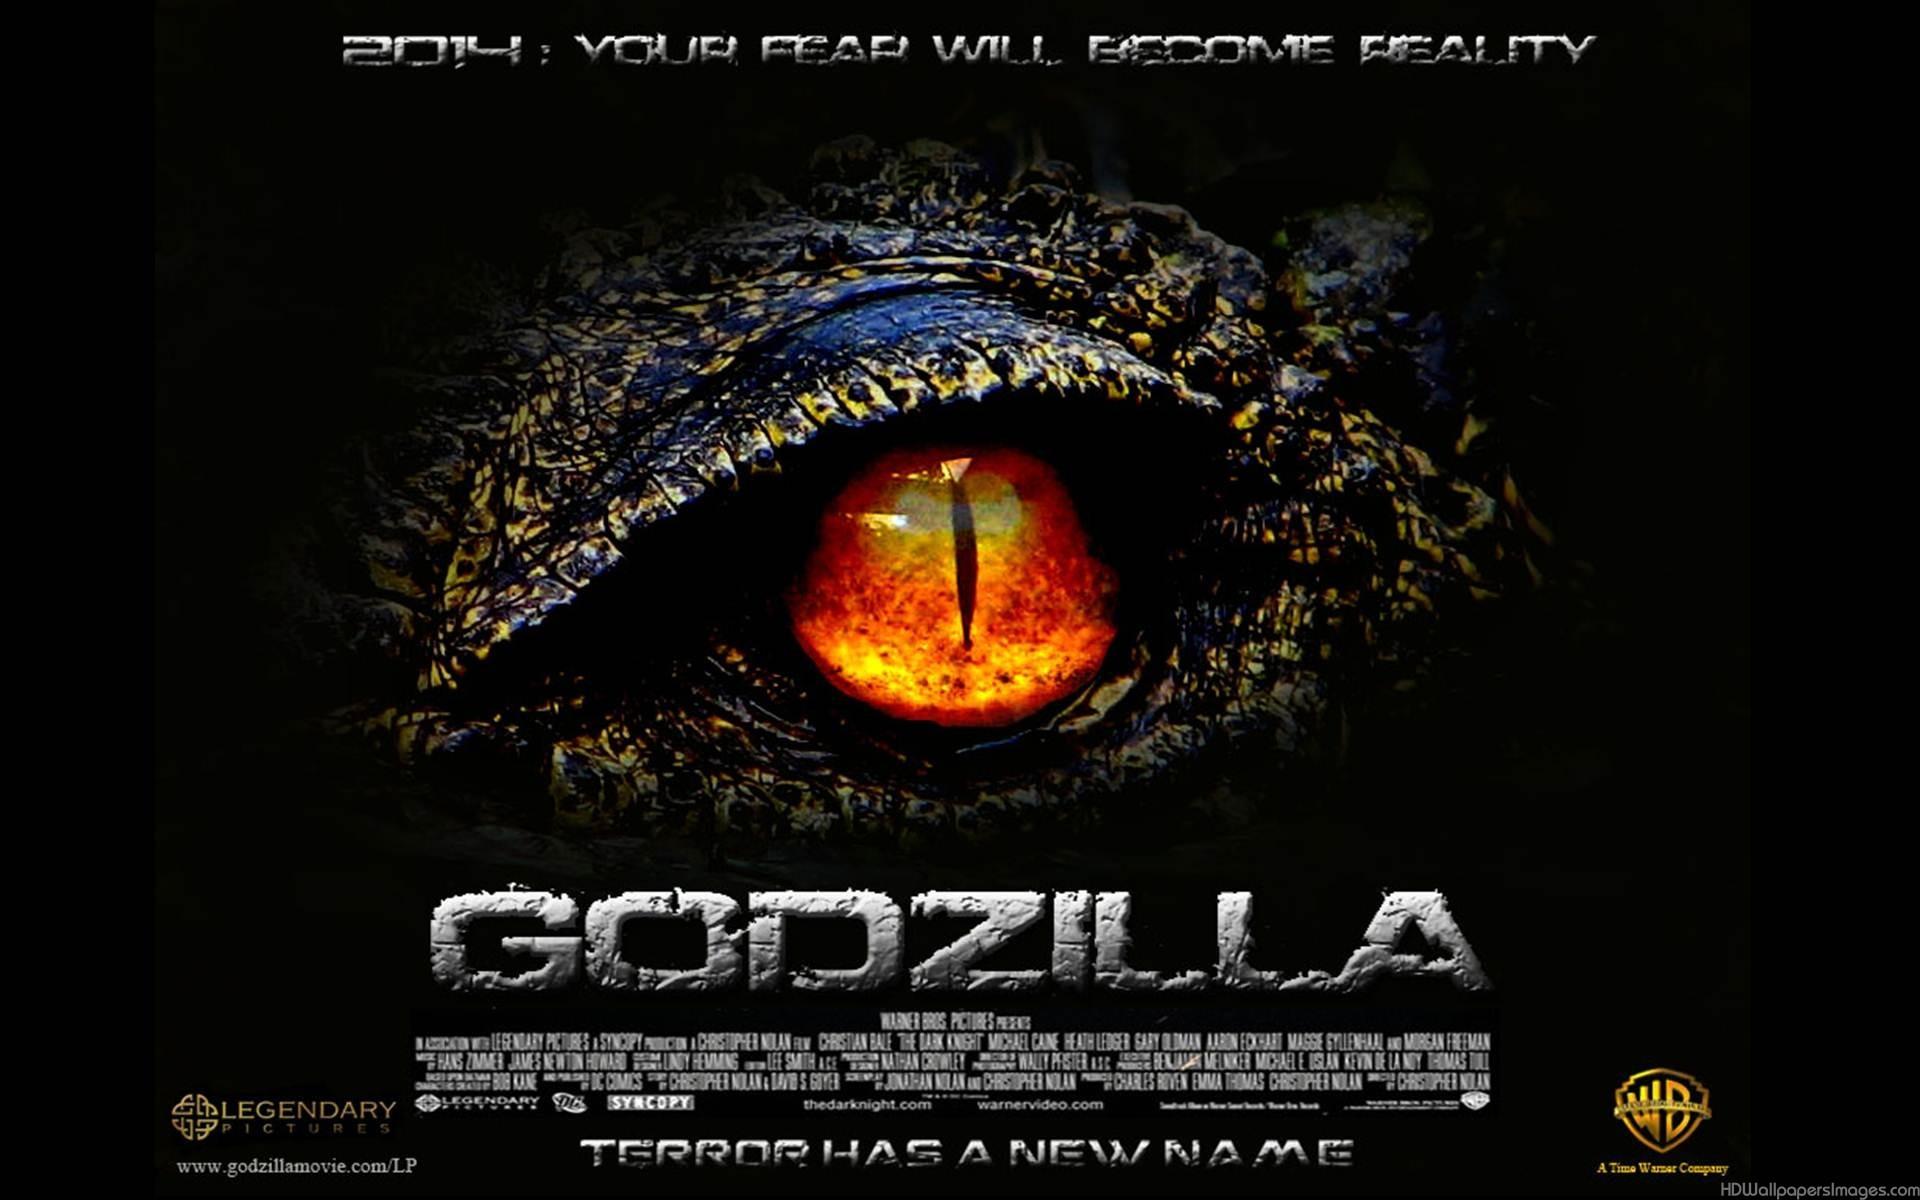 Godzilla 2014 Movie wallpapers (79 Wallpapers) – Wallpapers For Desktop